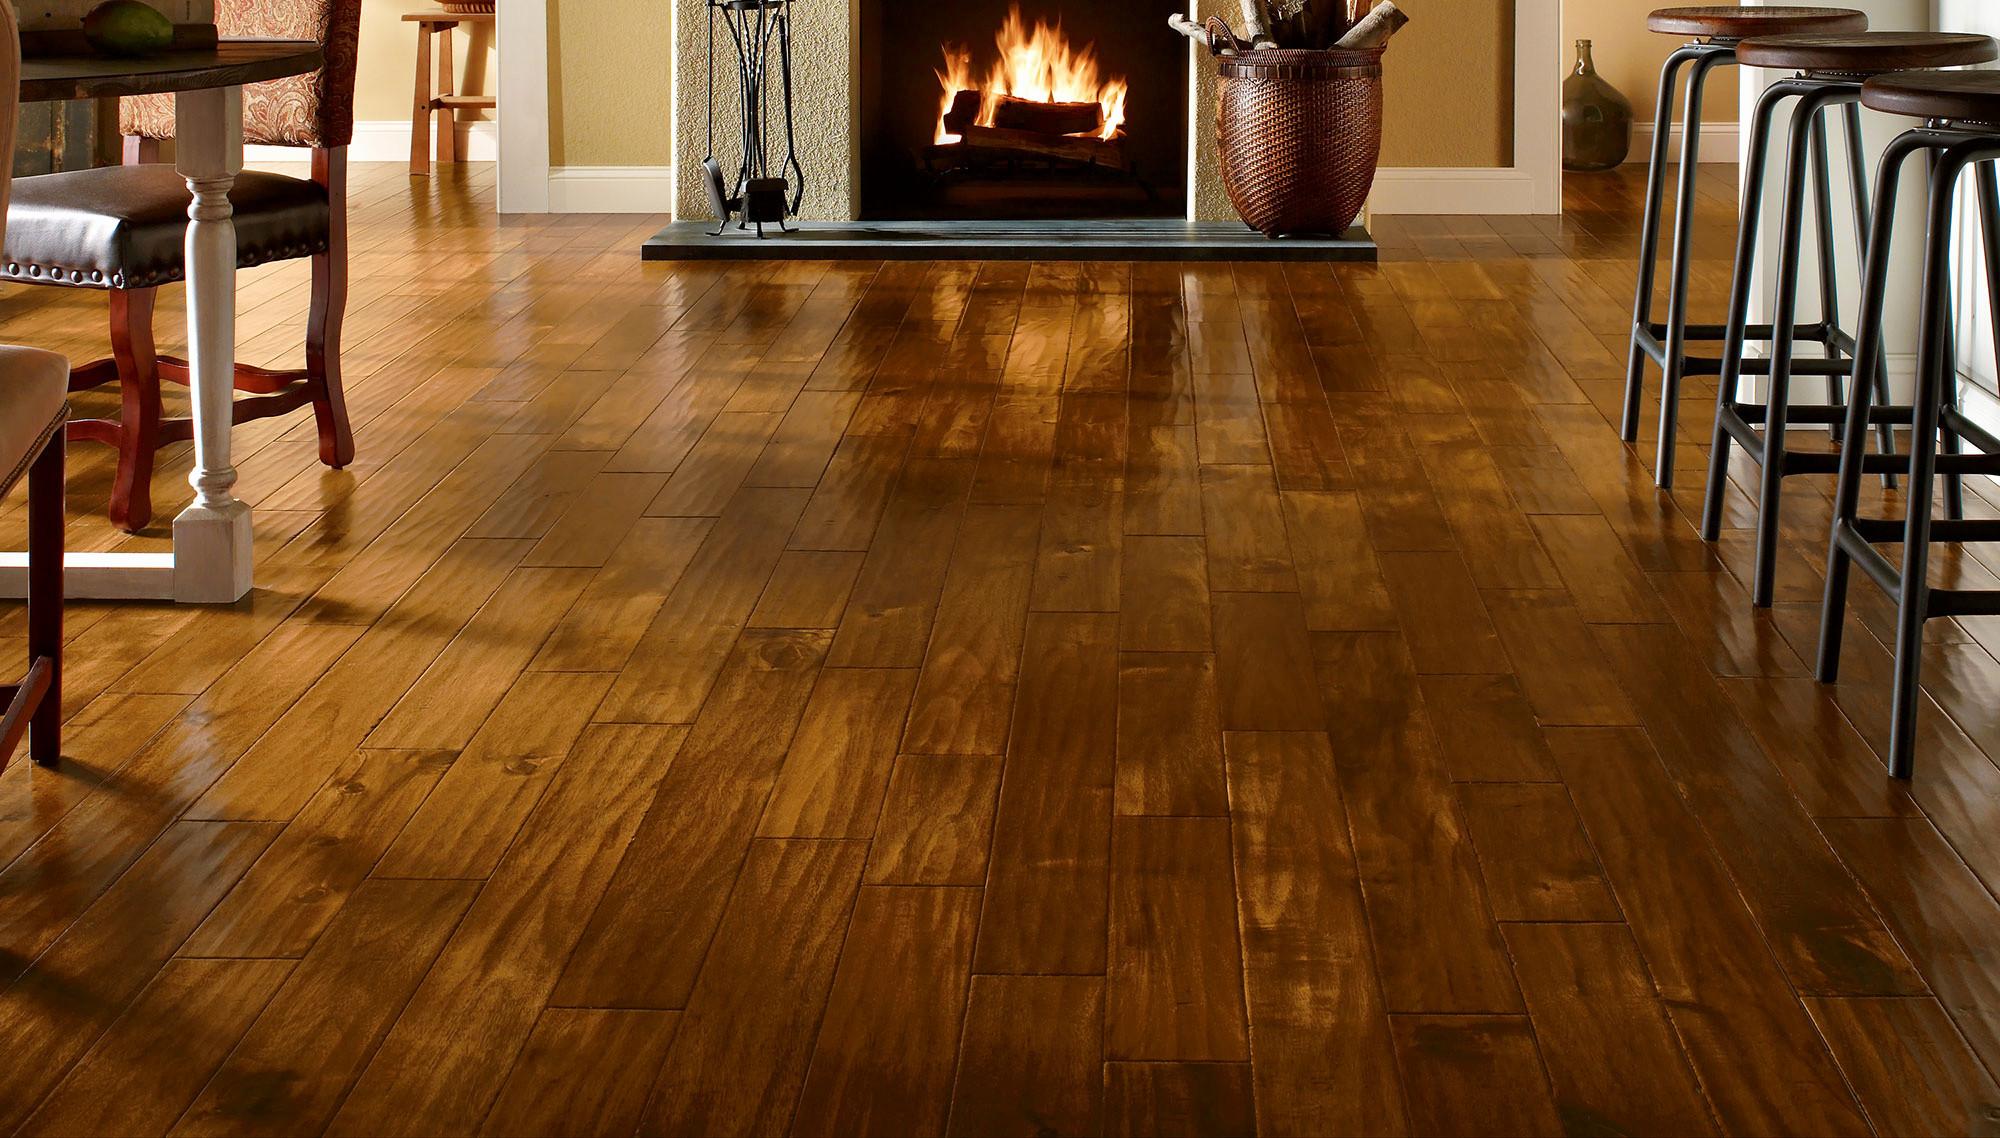 1 4 hardwood flooring of hardwood floor refinishing archives wlcu pertaining to hardwood floor designs best of appealing discount hardwood flooring 1 big kitchen floor hardwood floor